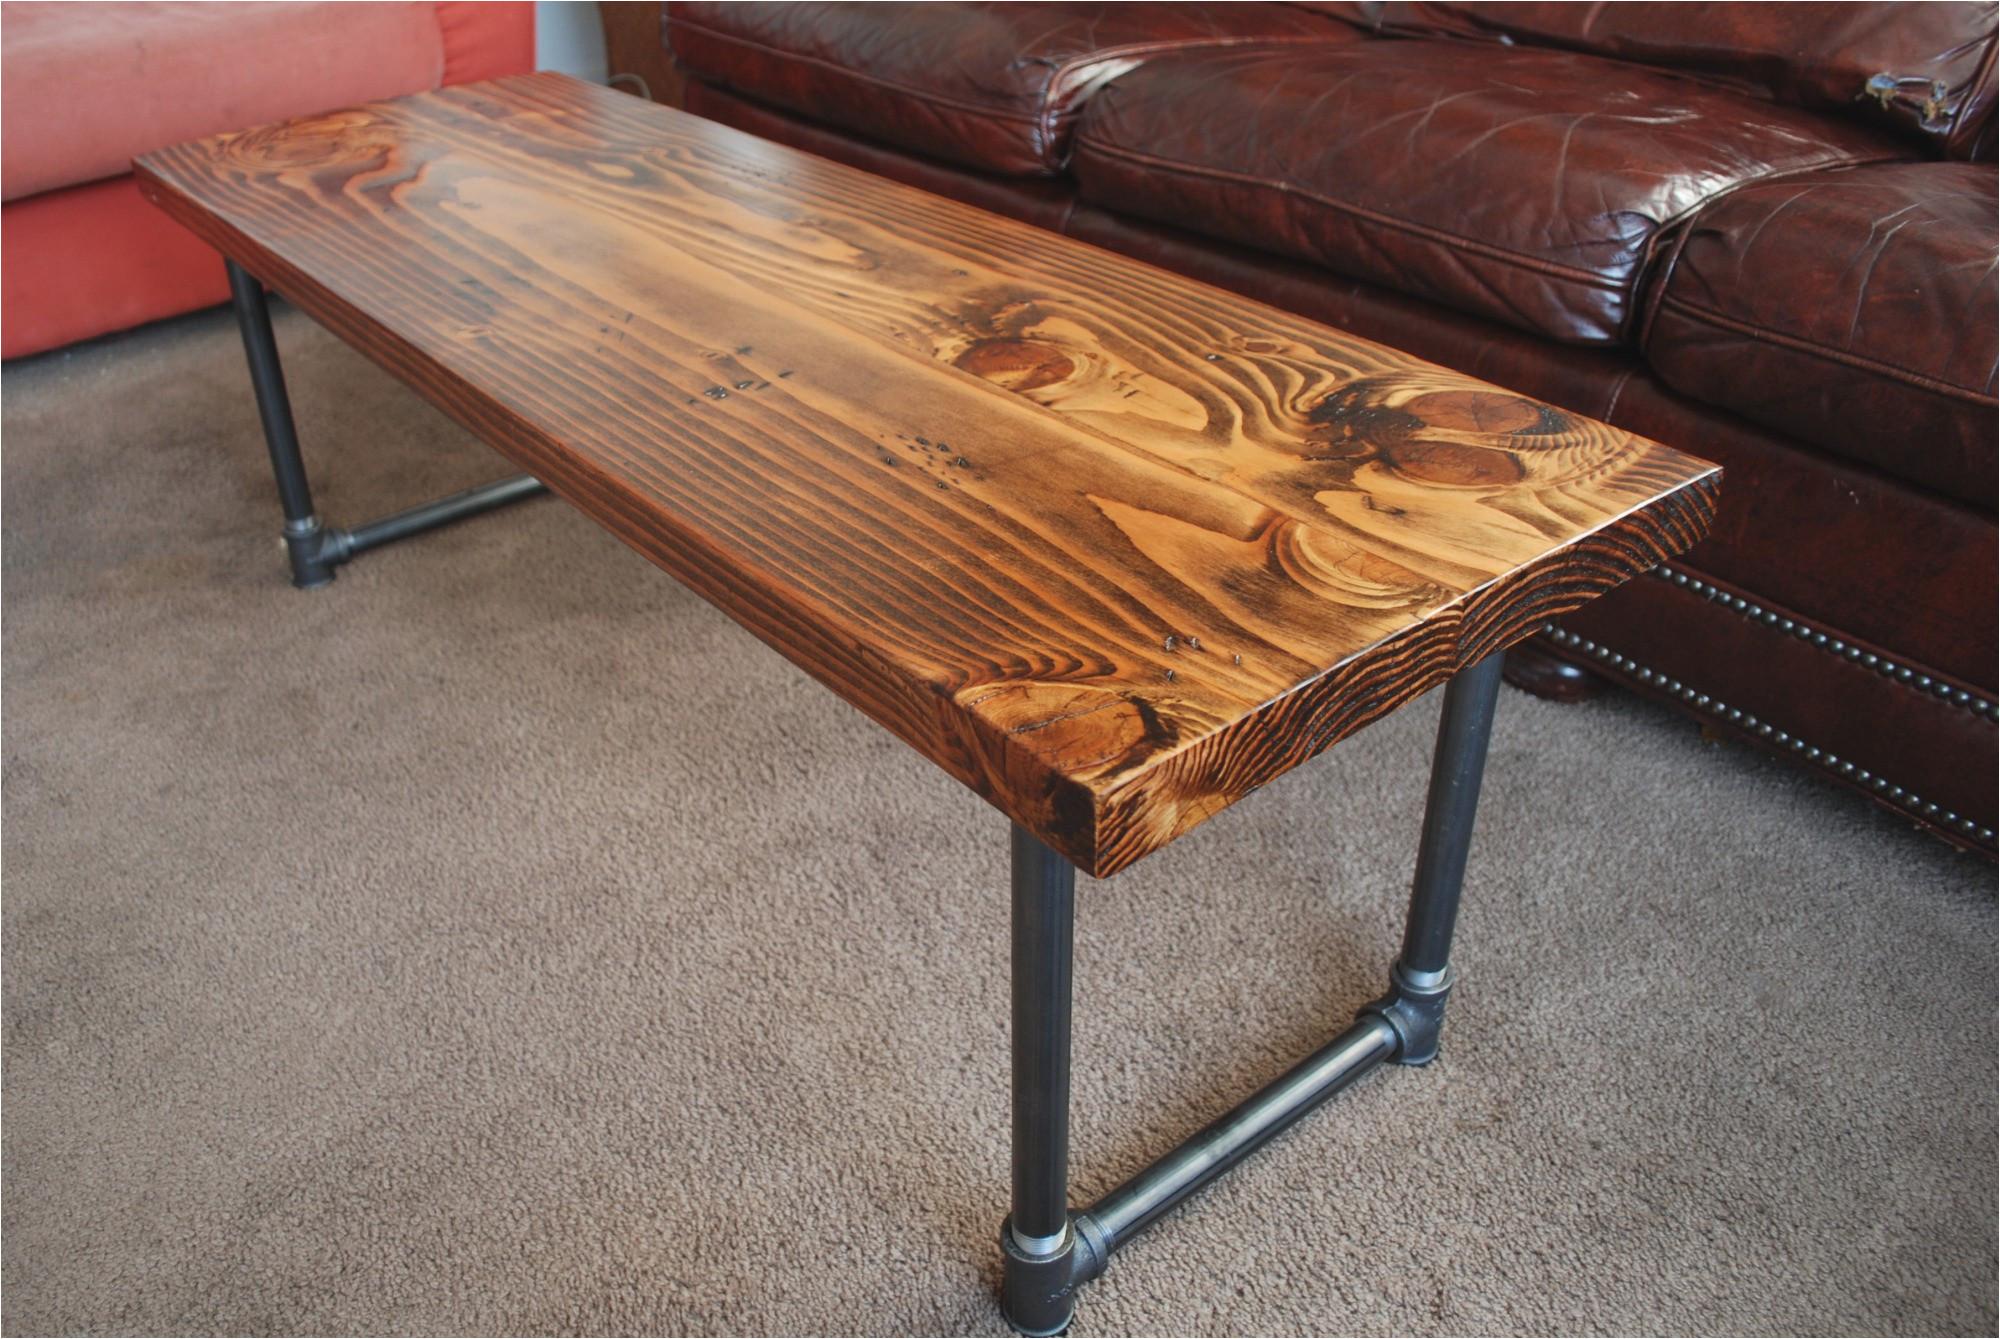 home depot furniture legs prepossessing home depot furniture legs with surprising home depot unfinished furniture